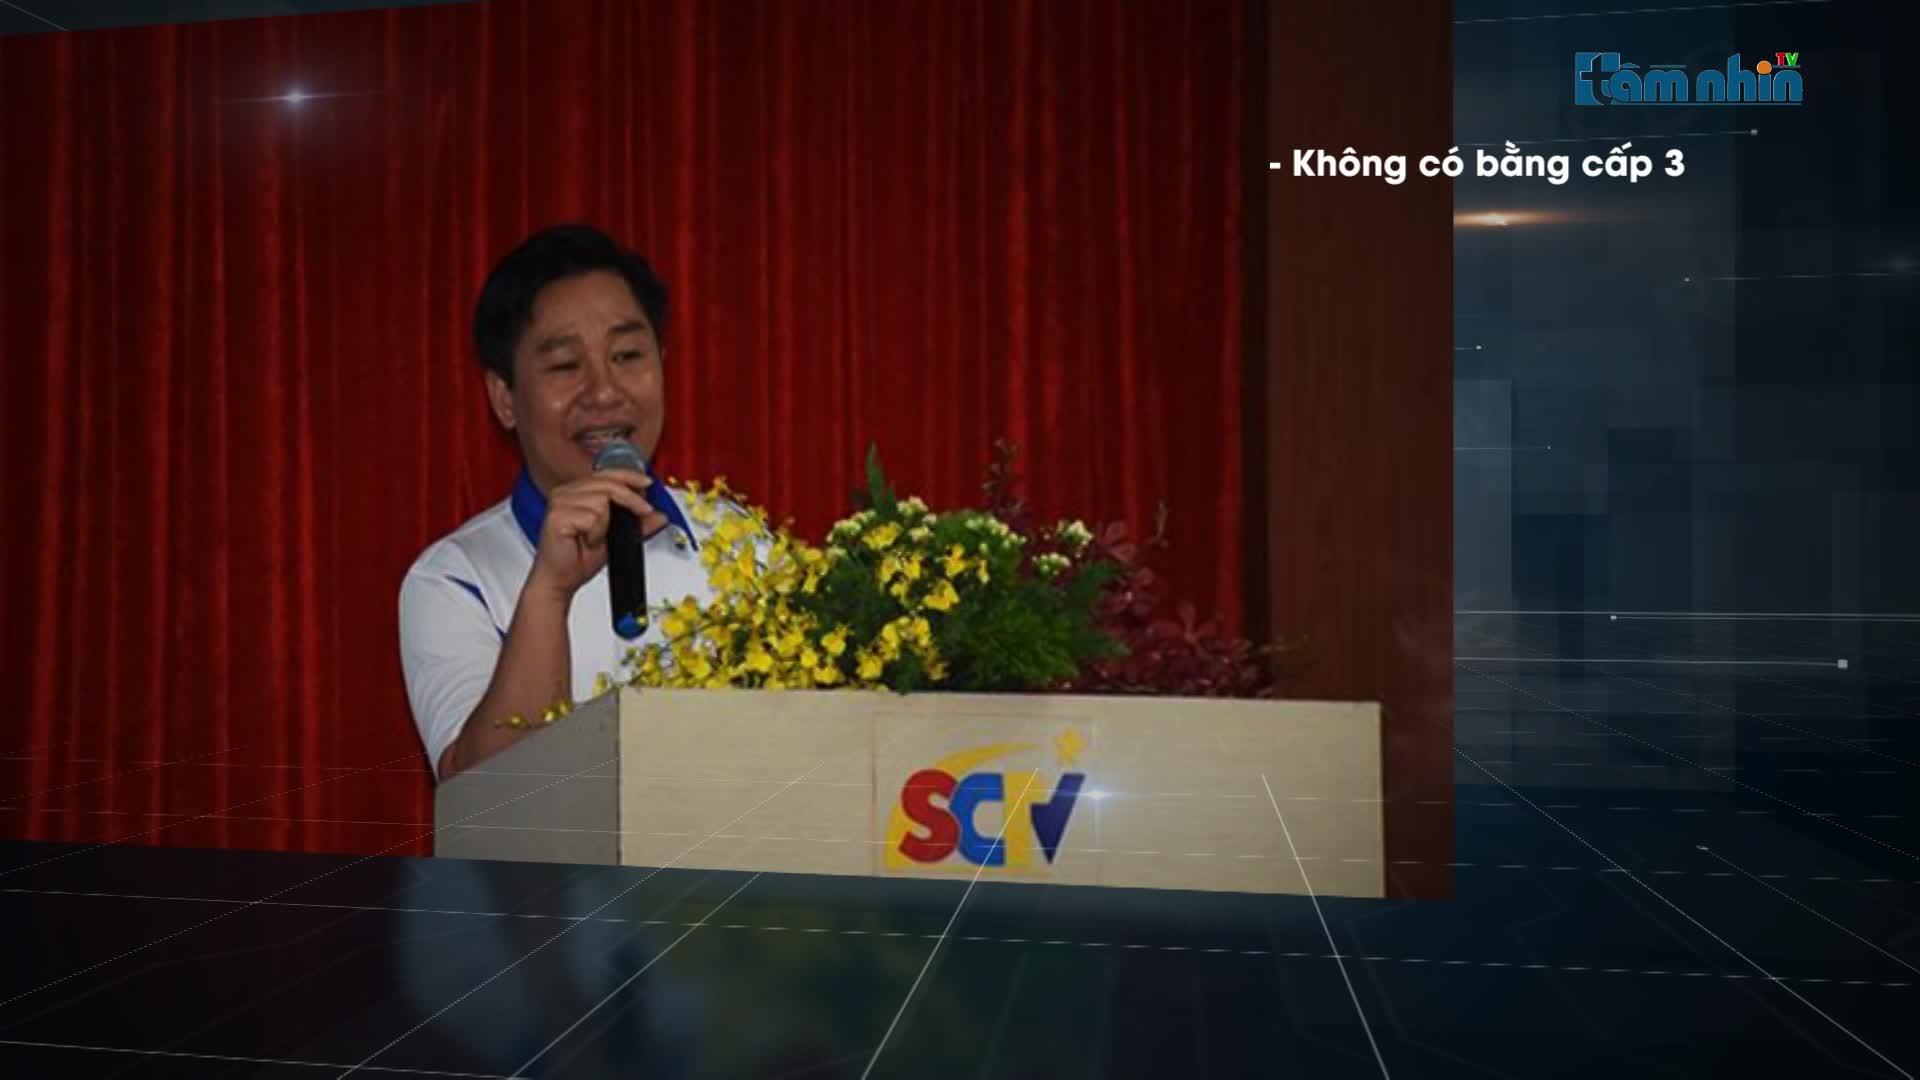 Phó Tổng Giám đốc công ty Truyền Hình Cáp: Saigon Tourrist sử dụng bằng giả.